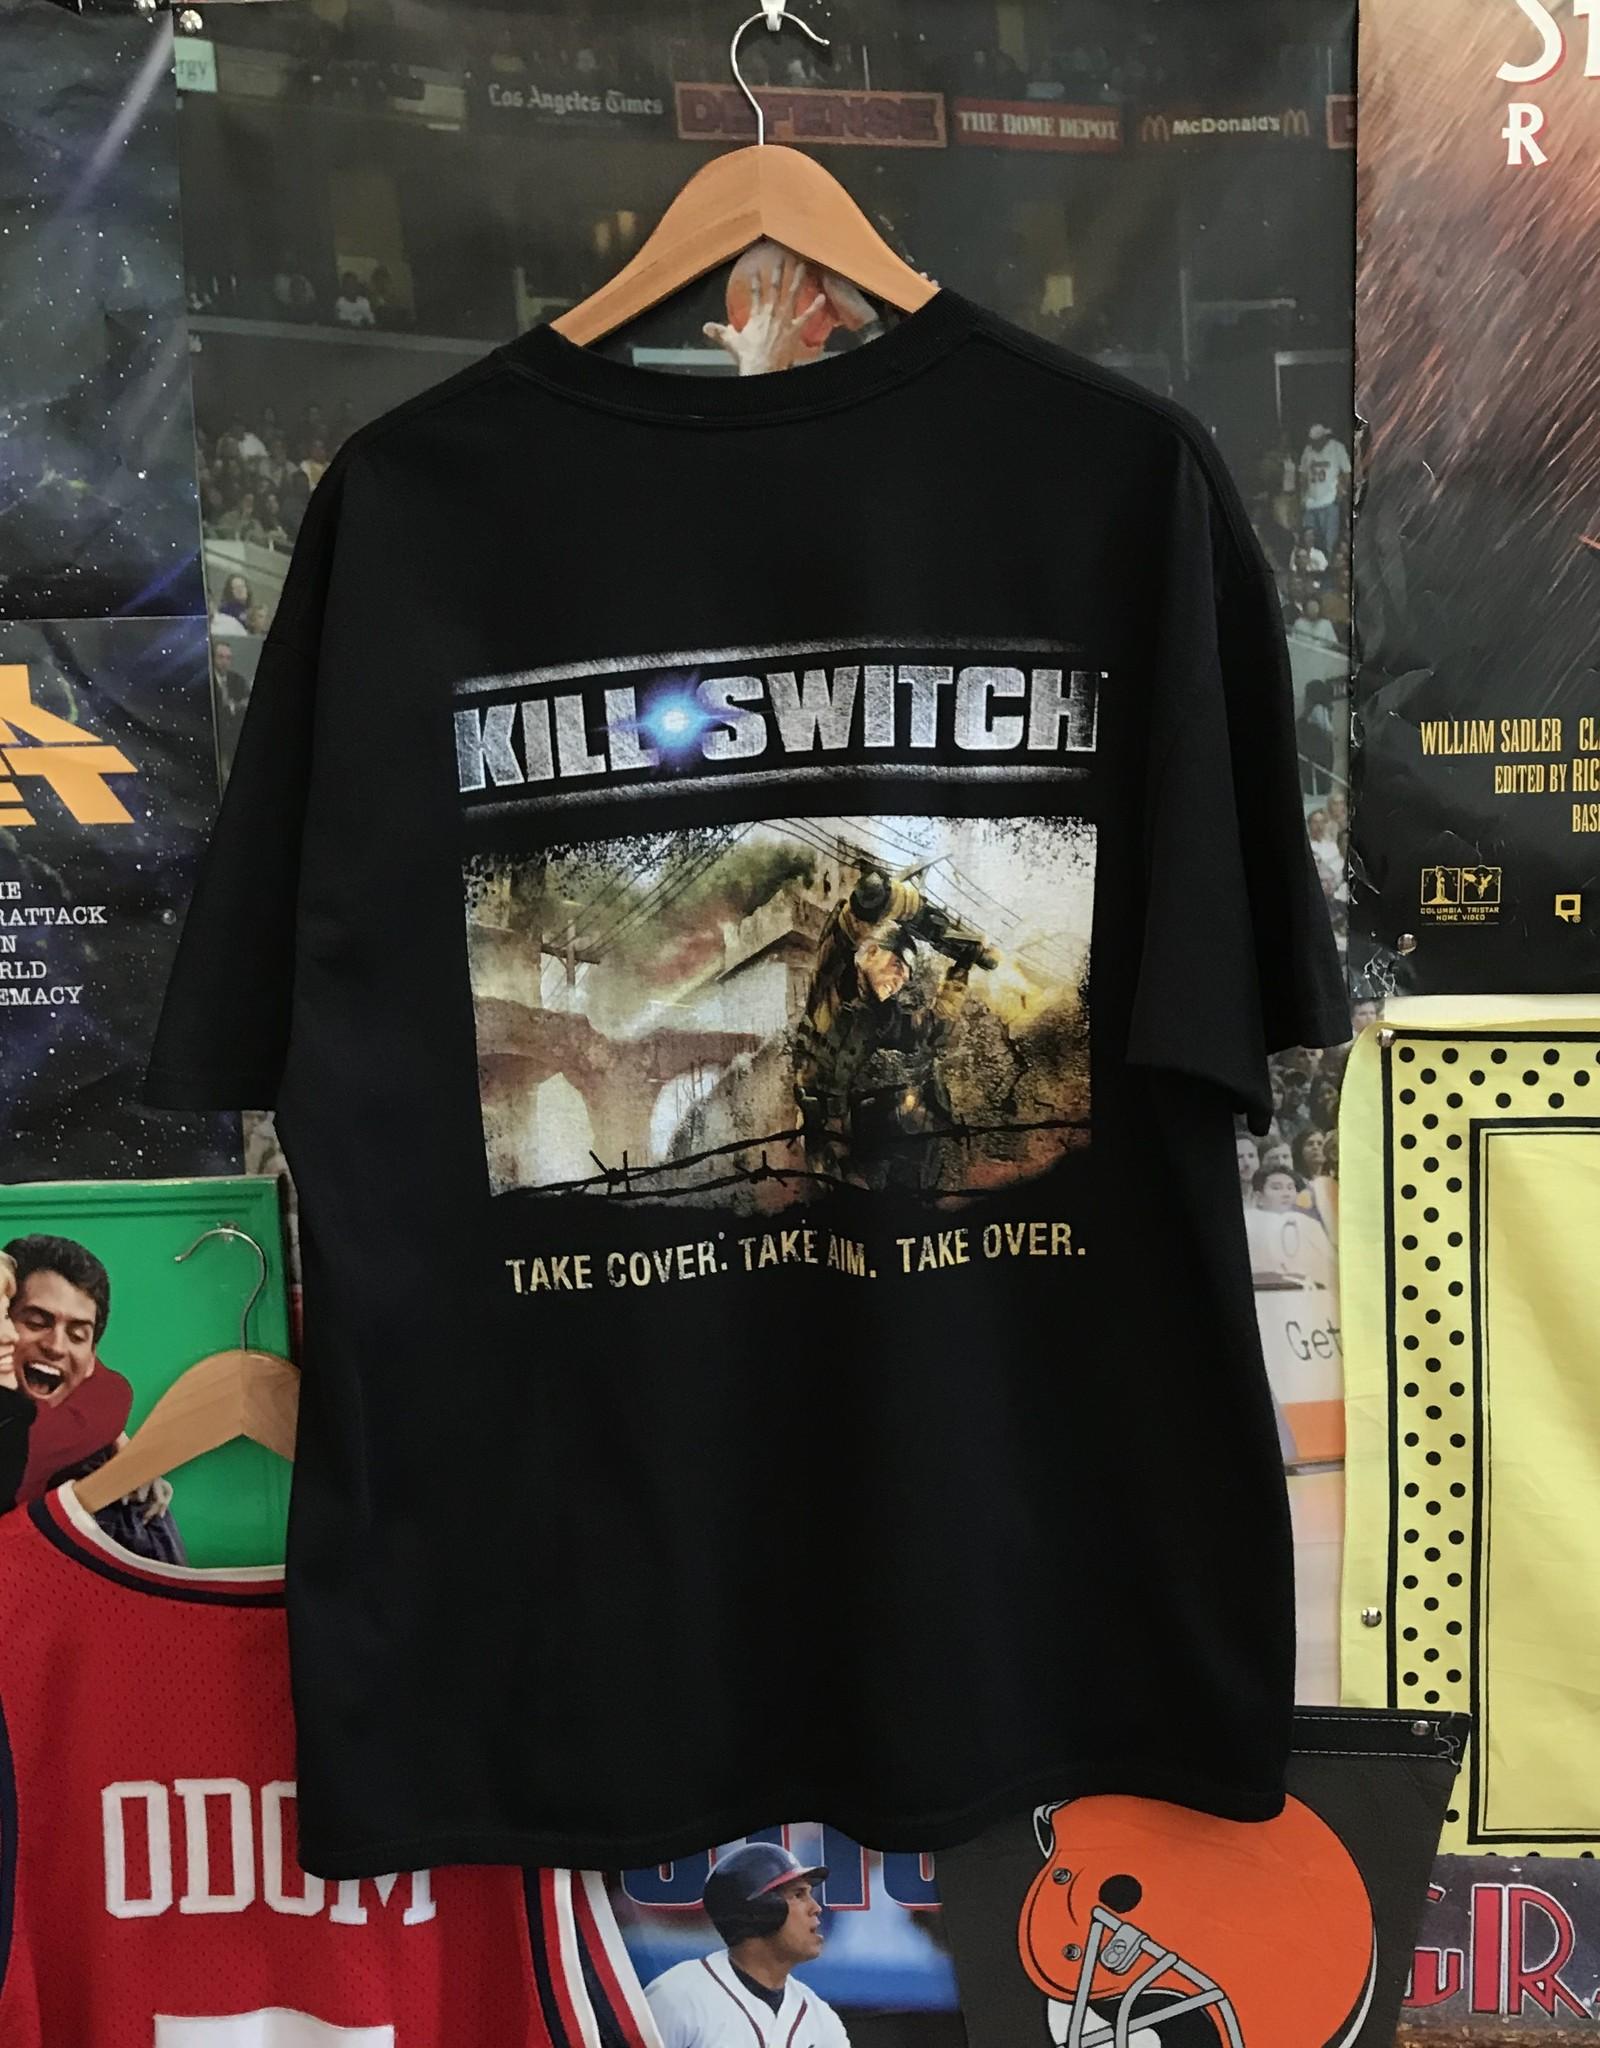 3453killswitch tee black sz XL